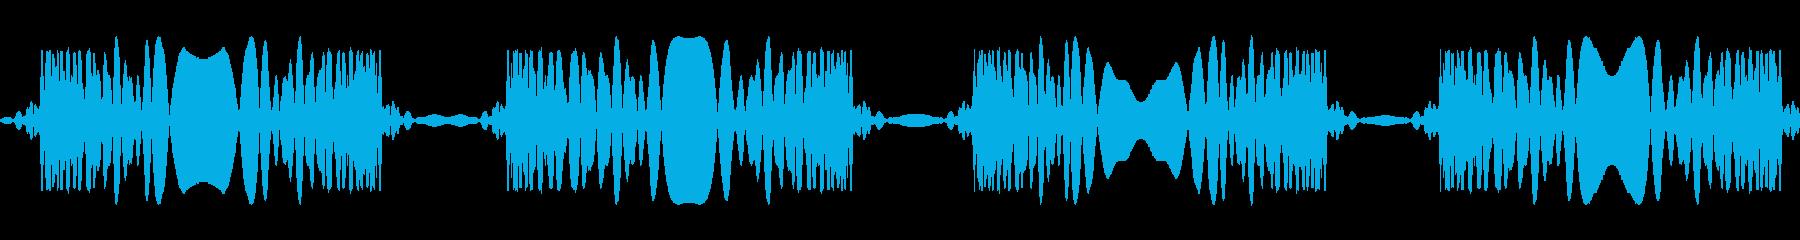 レコードスクラッチ4回:ジュクジュクの再生済みの波形